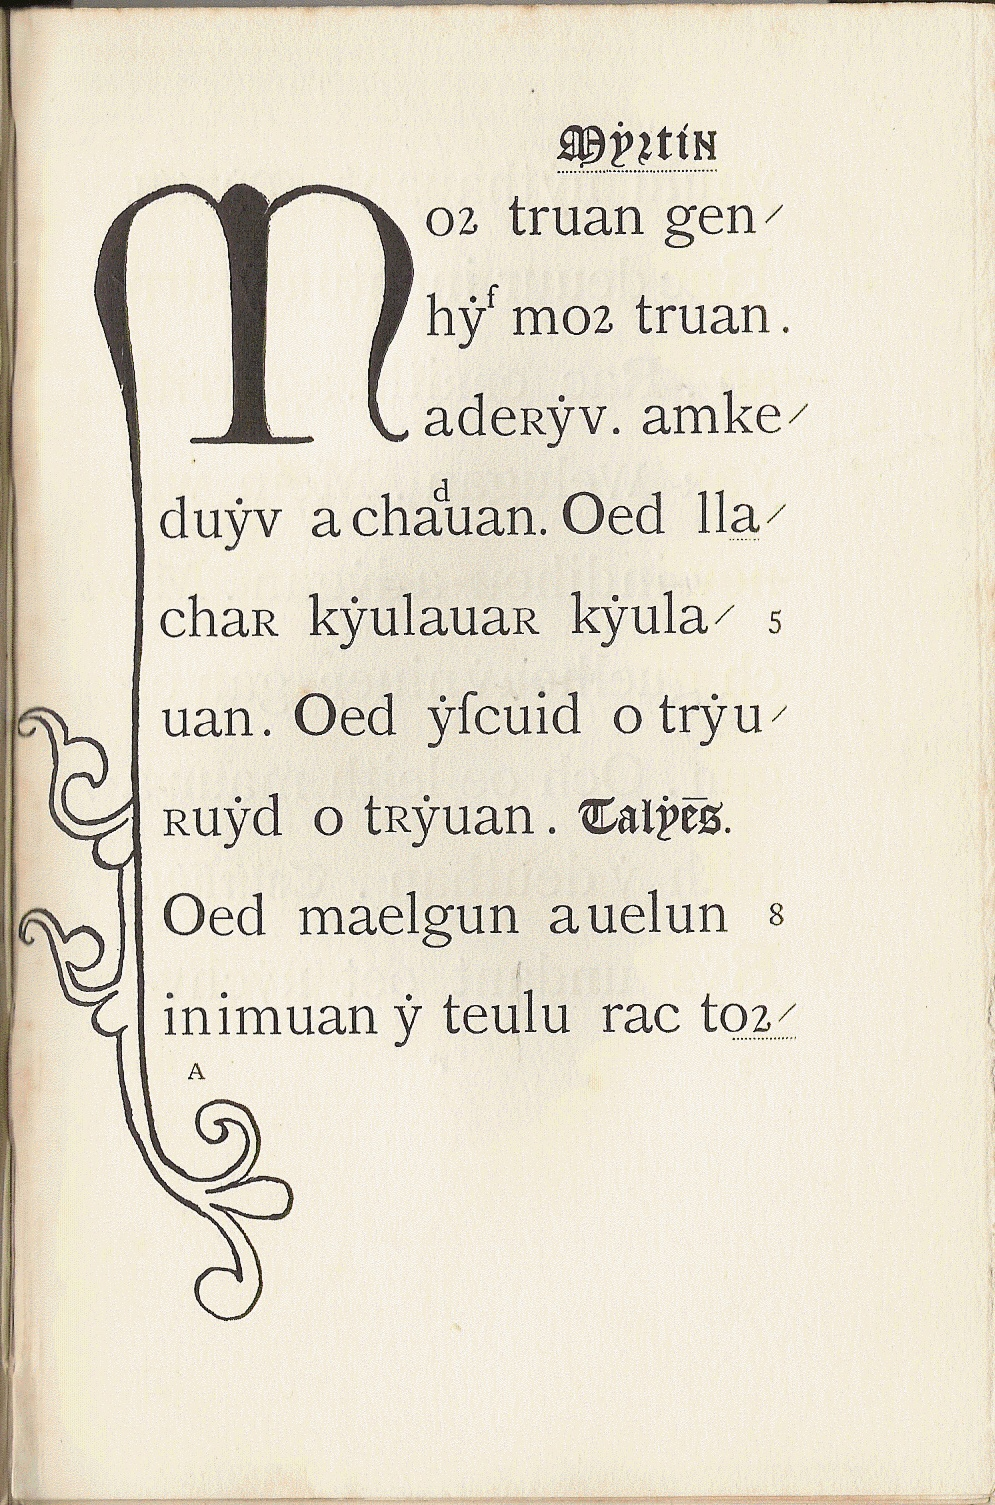 Tudalen gyntaf, Llyfr Du Caerfyrddin